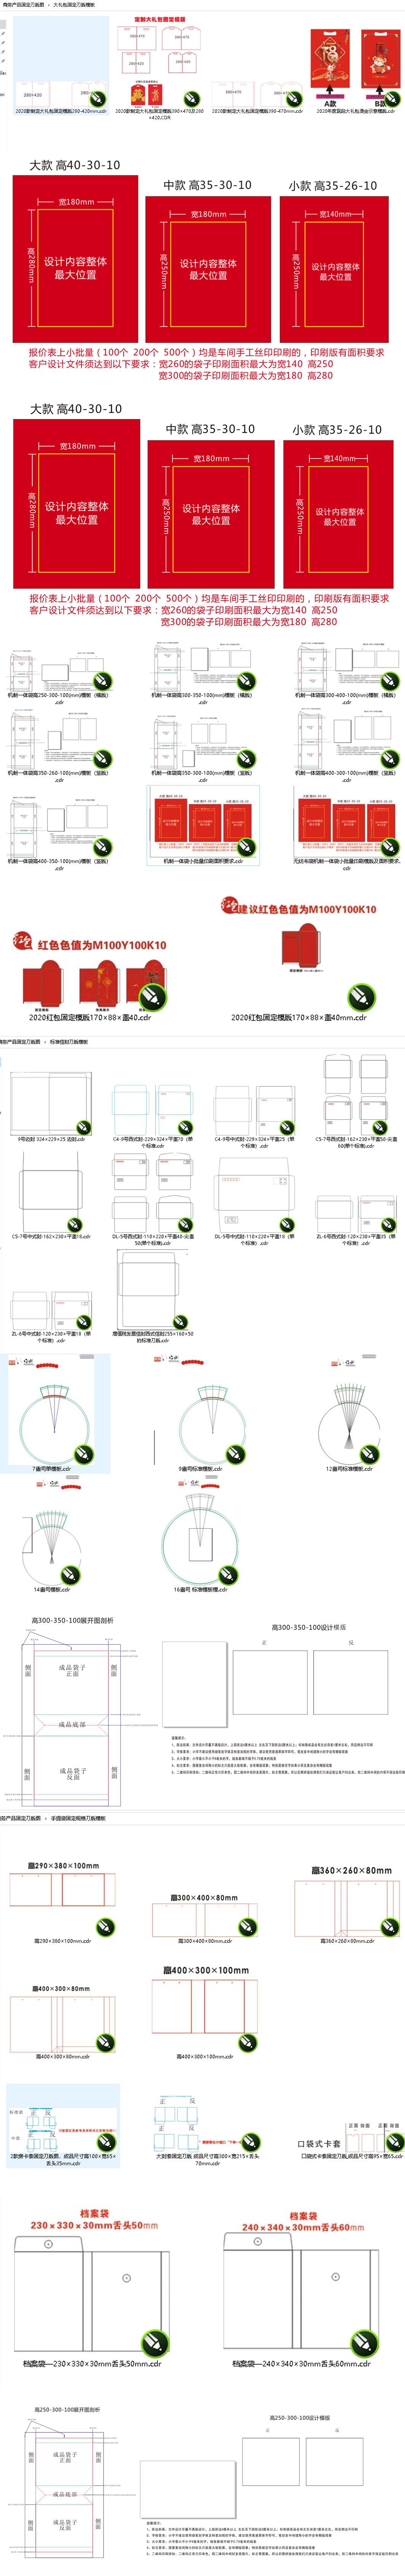 商务印刷品标准刀版文件全套丨纸杯丨档案袋丨手提袋丨信封丨无纺布袋丨礼包丨封套等标准刀版模板丨设计酷COOK-设计酷-设计酷COOK-这设计很酷COOL